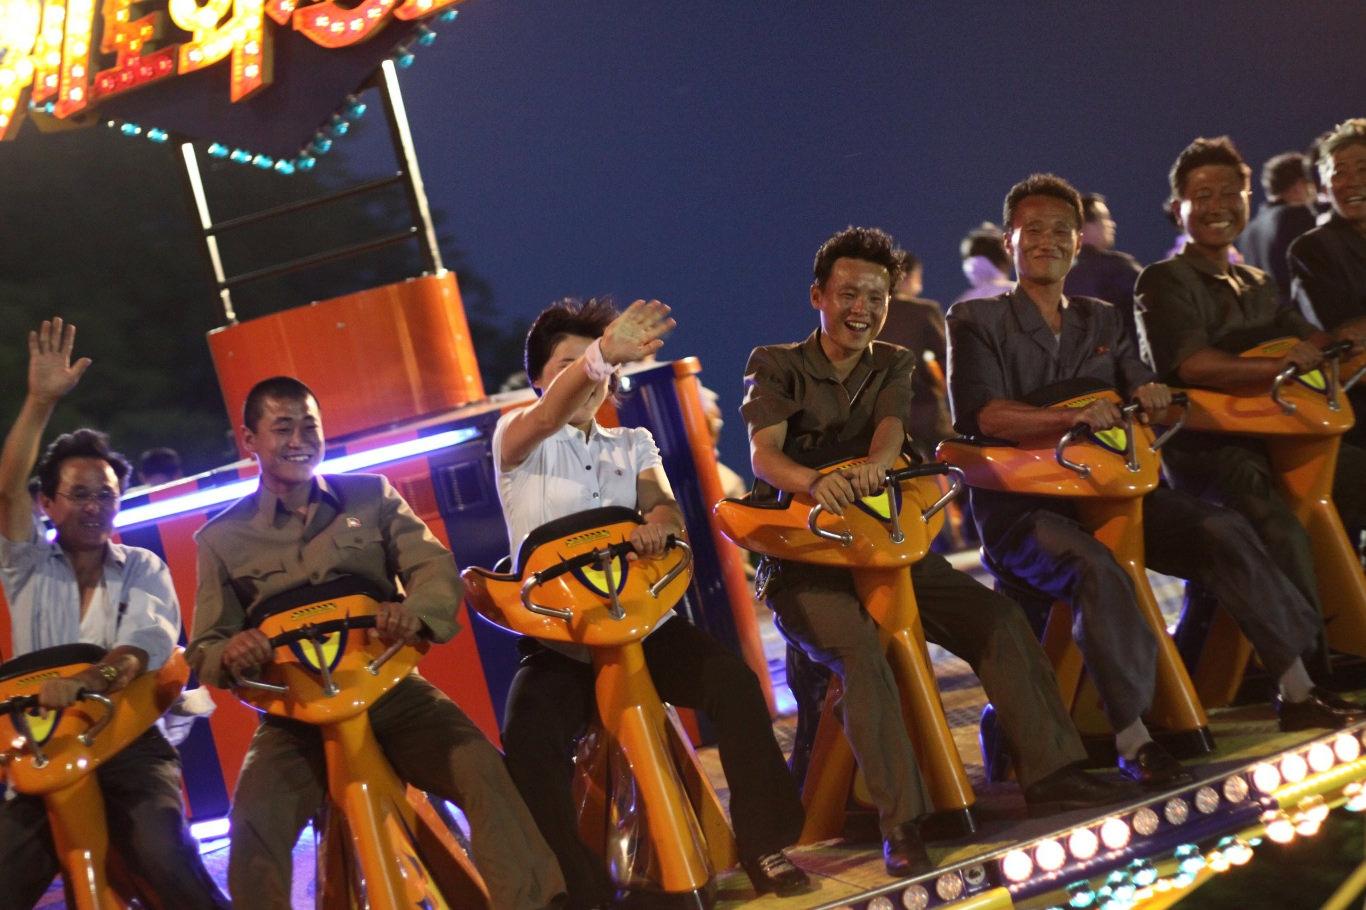 Parc d'attractions nocturne de Kaeson à Pyongyang, capitale de la Corée du Nord. De nombreux habitants se rassemblent ici pendant les vacances. Voyage organisé par KTG Tours